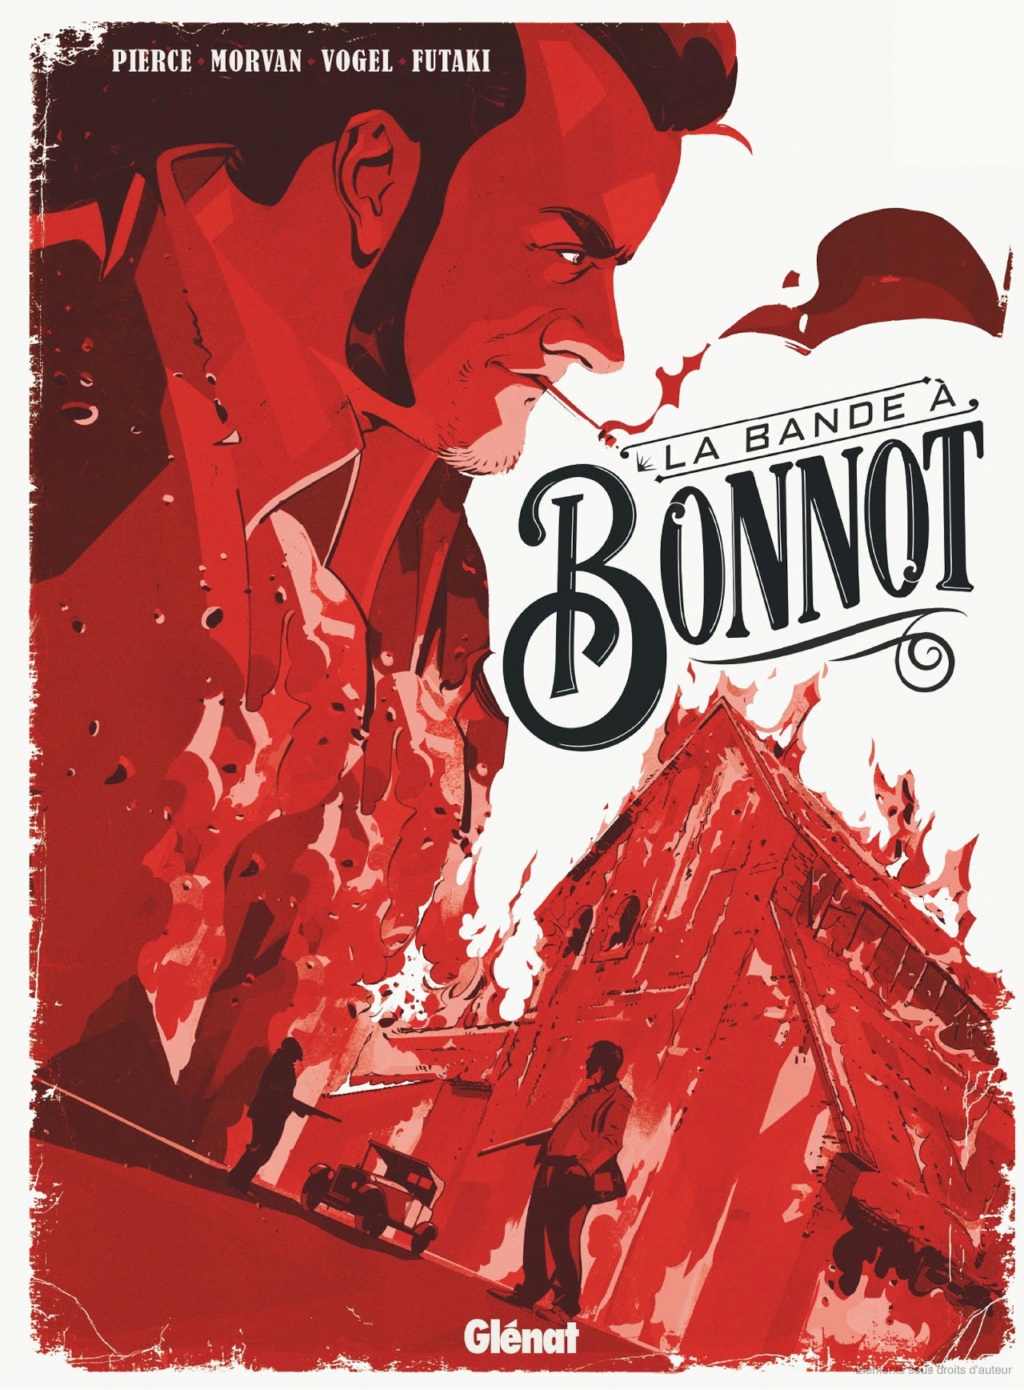 La bande à Bonnot [Morvan & Pierce & Vogel & Futaki]  Conten10